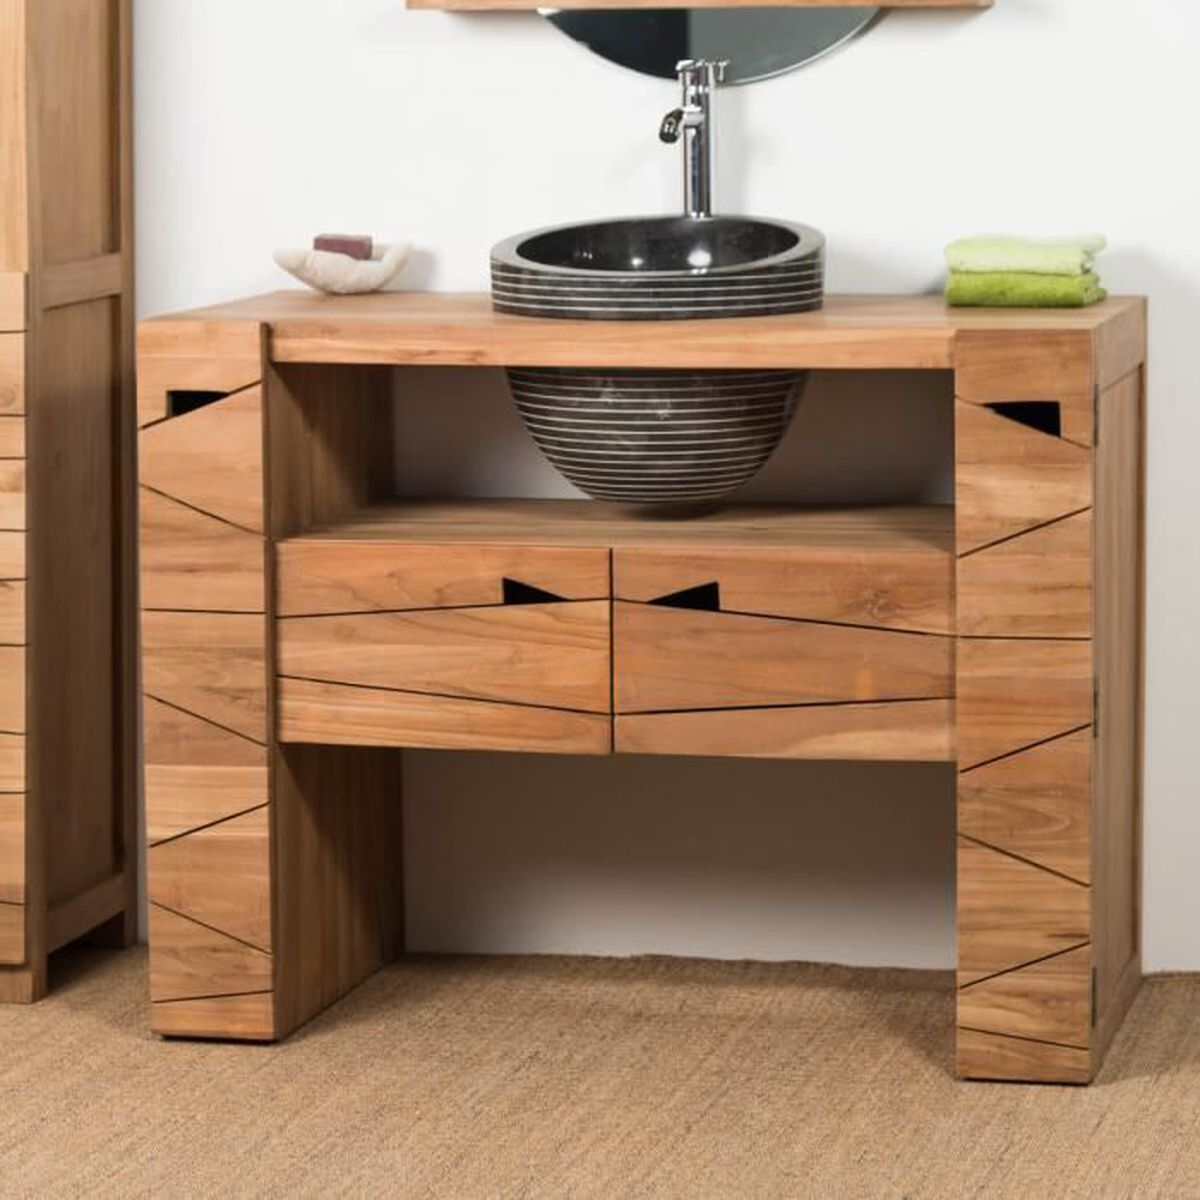 Habiller L Arrière D Un Meuble meuble de salle de bain en teck serenite 110cm + vasque noir